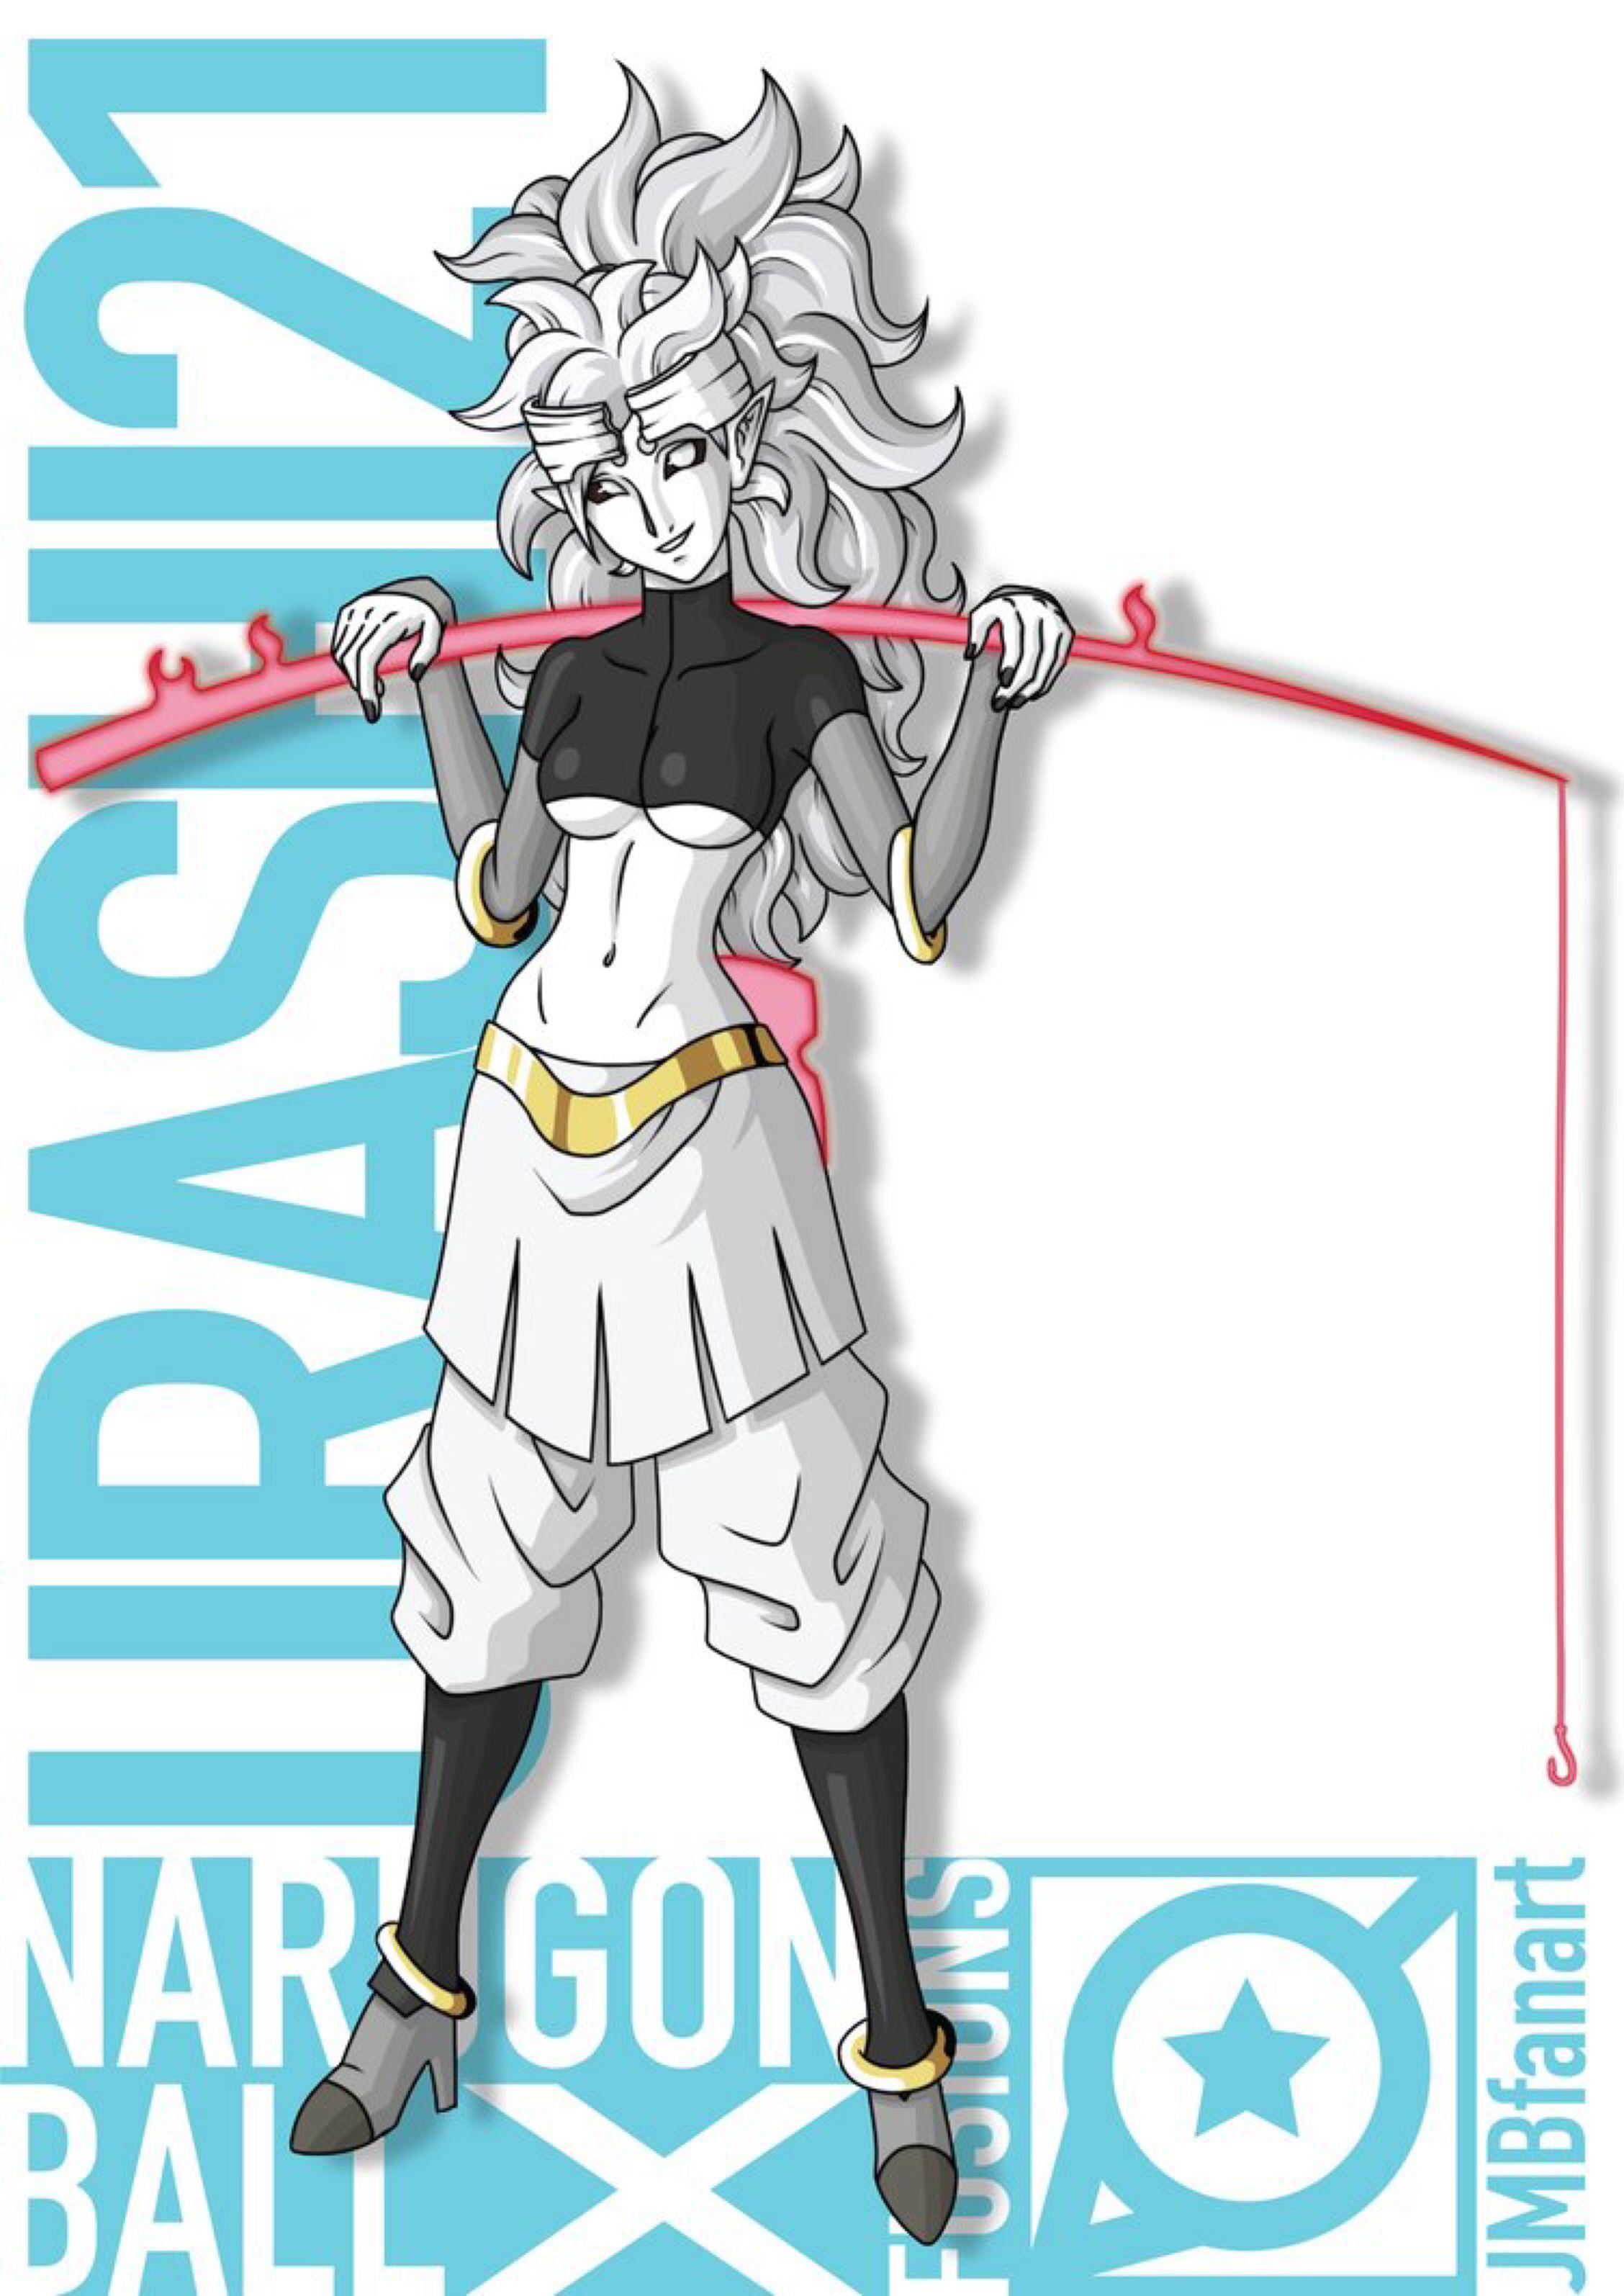 Urashi21 (Android 21 and Urashiki fusion) by JMBfanart on